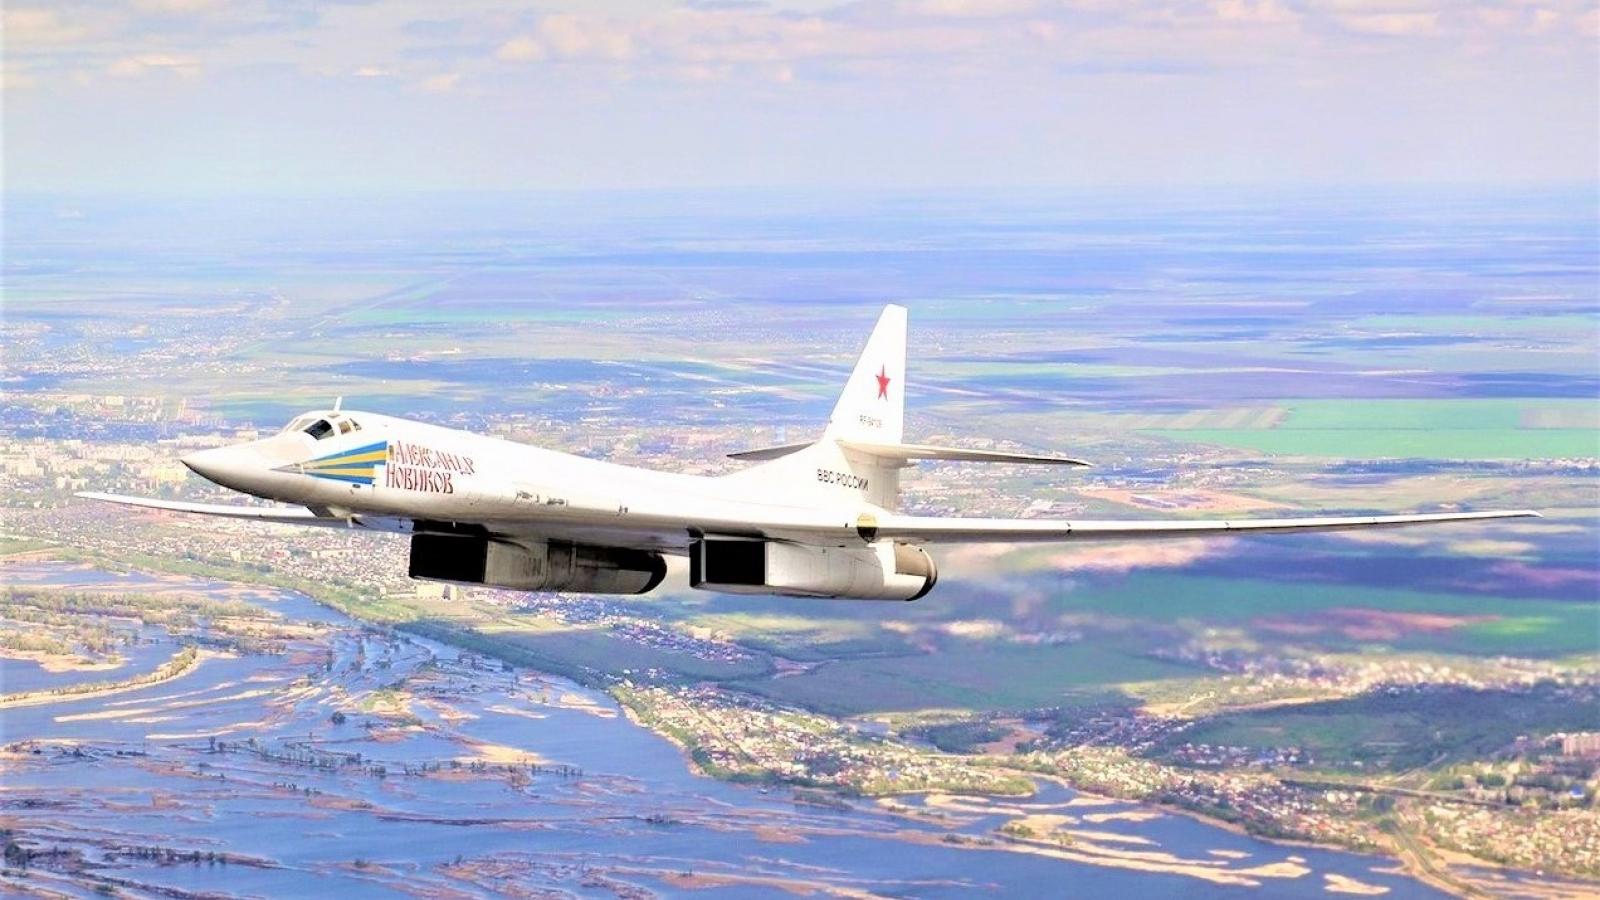 Máy bay ném bom hạng nặng siêu thanh Tu-160 của Nga đáng sợ như thế nào?